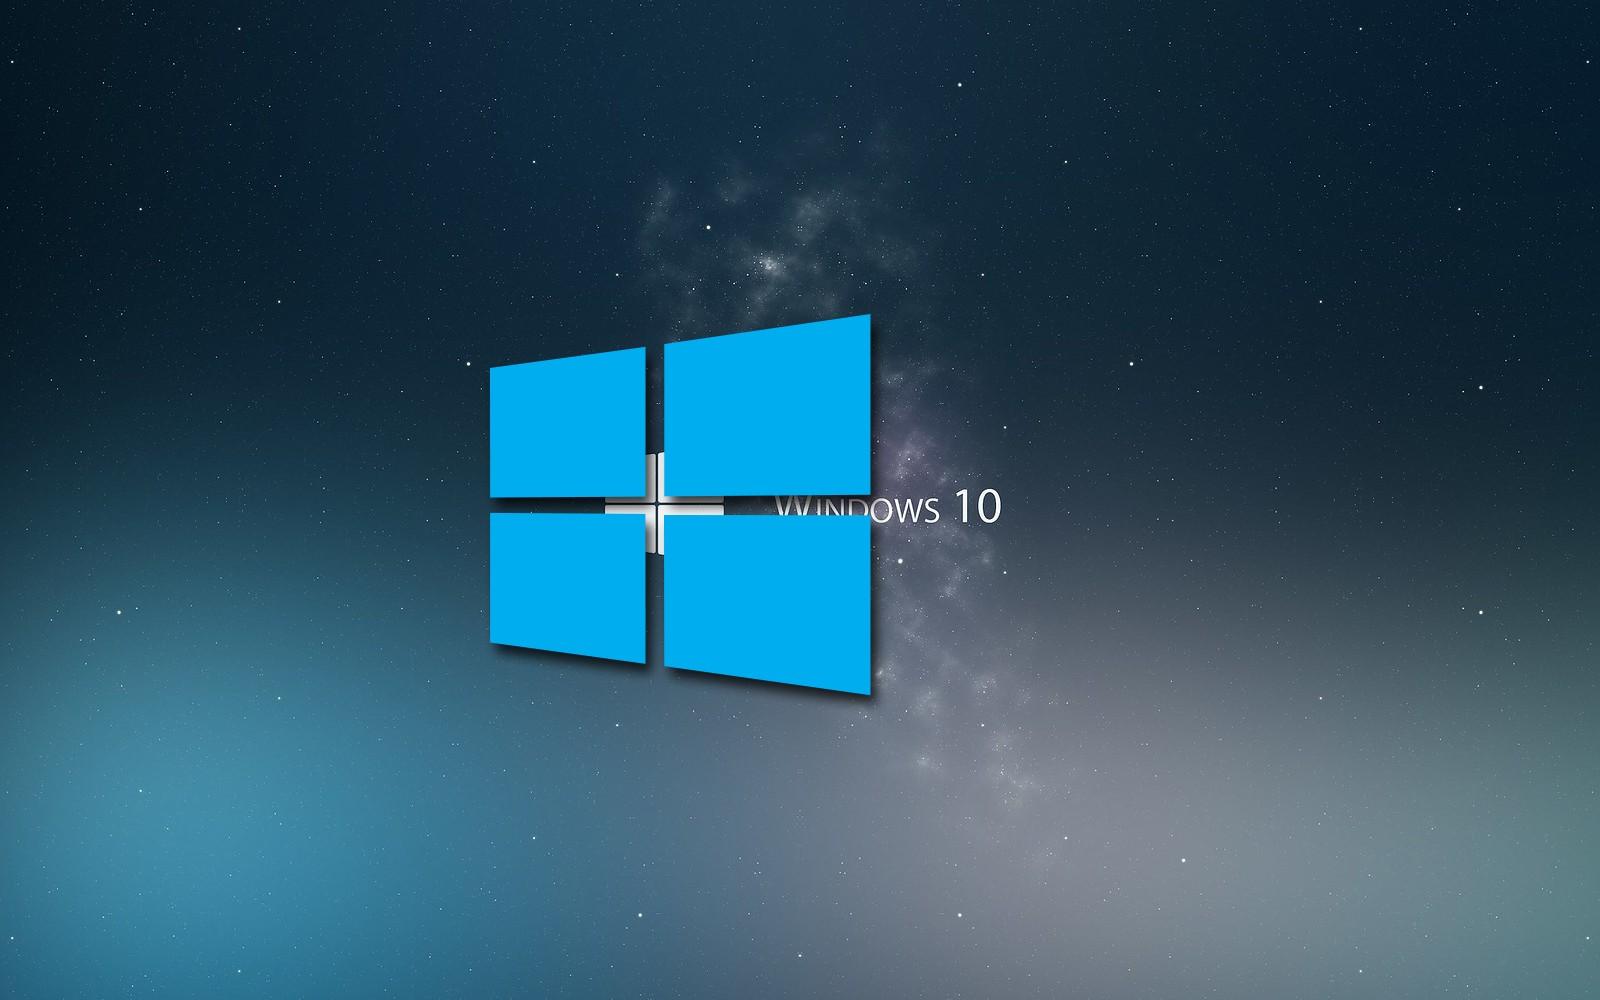 Как ускорить Windows 10: отключаем анимацию